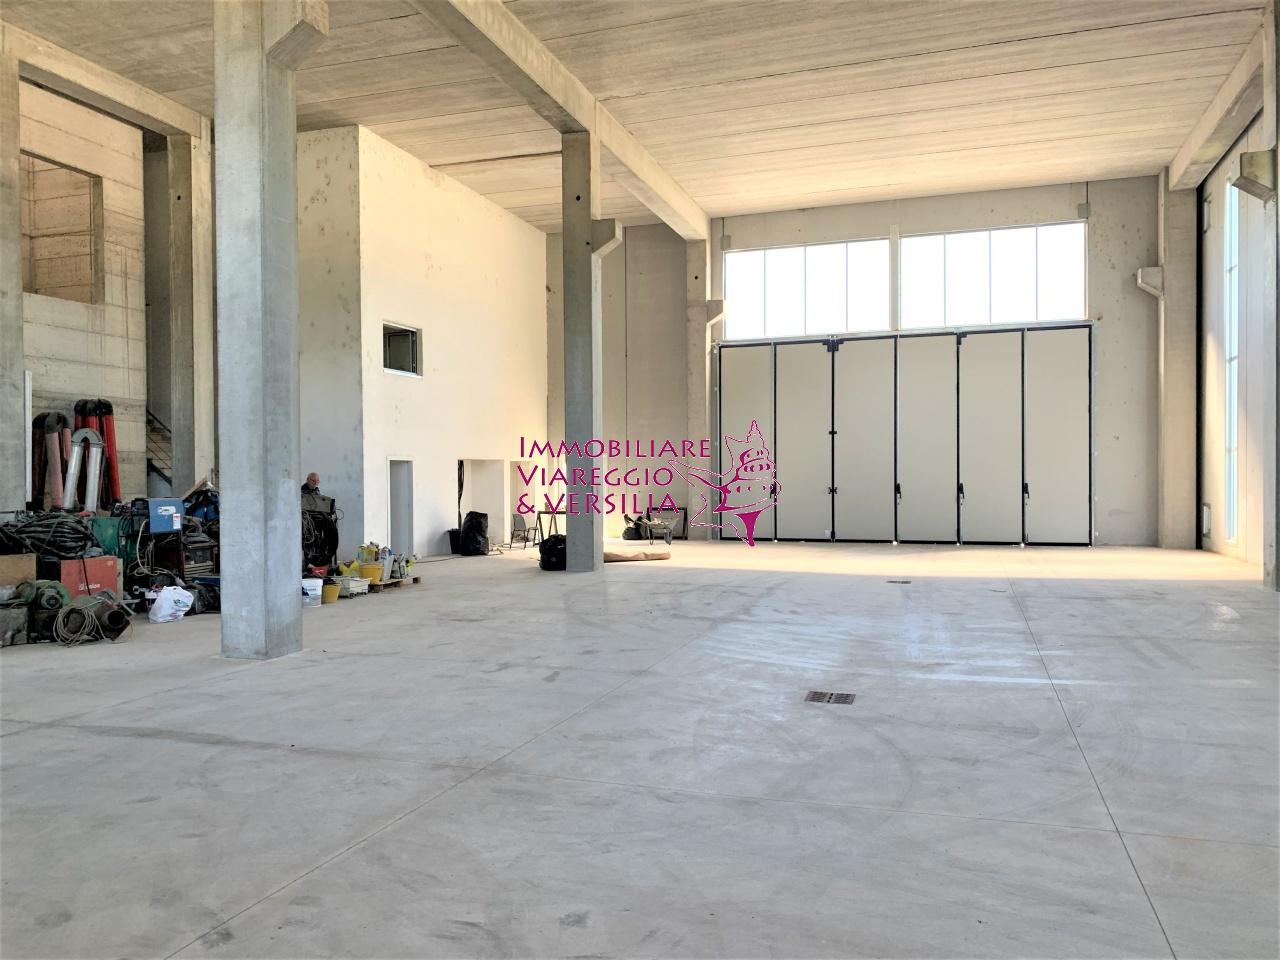 Capannone in vendita a Camaiore, 6 locali, prezzo € 1.600.000   CambioCasa.it